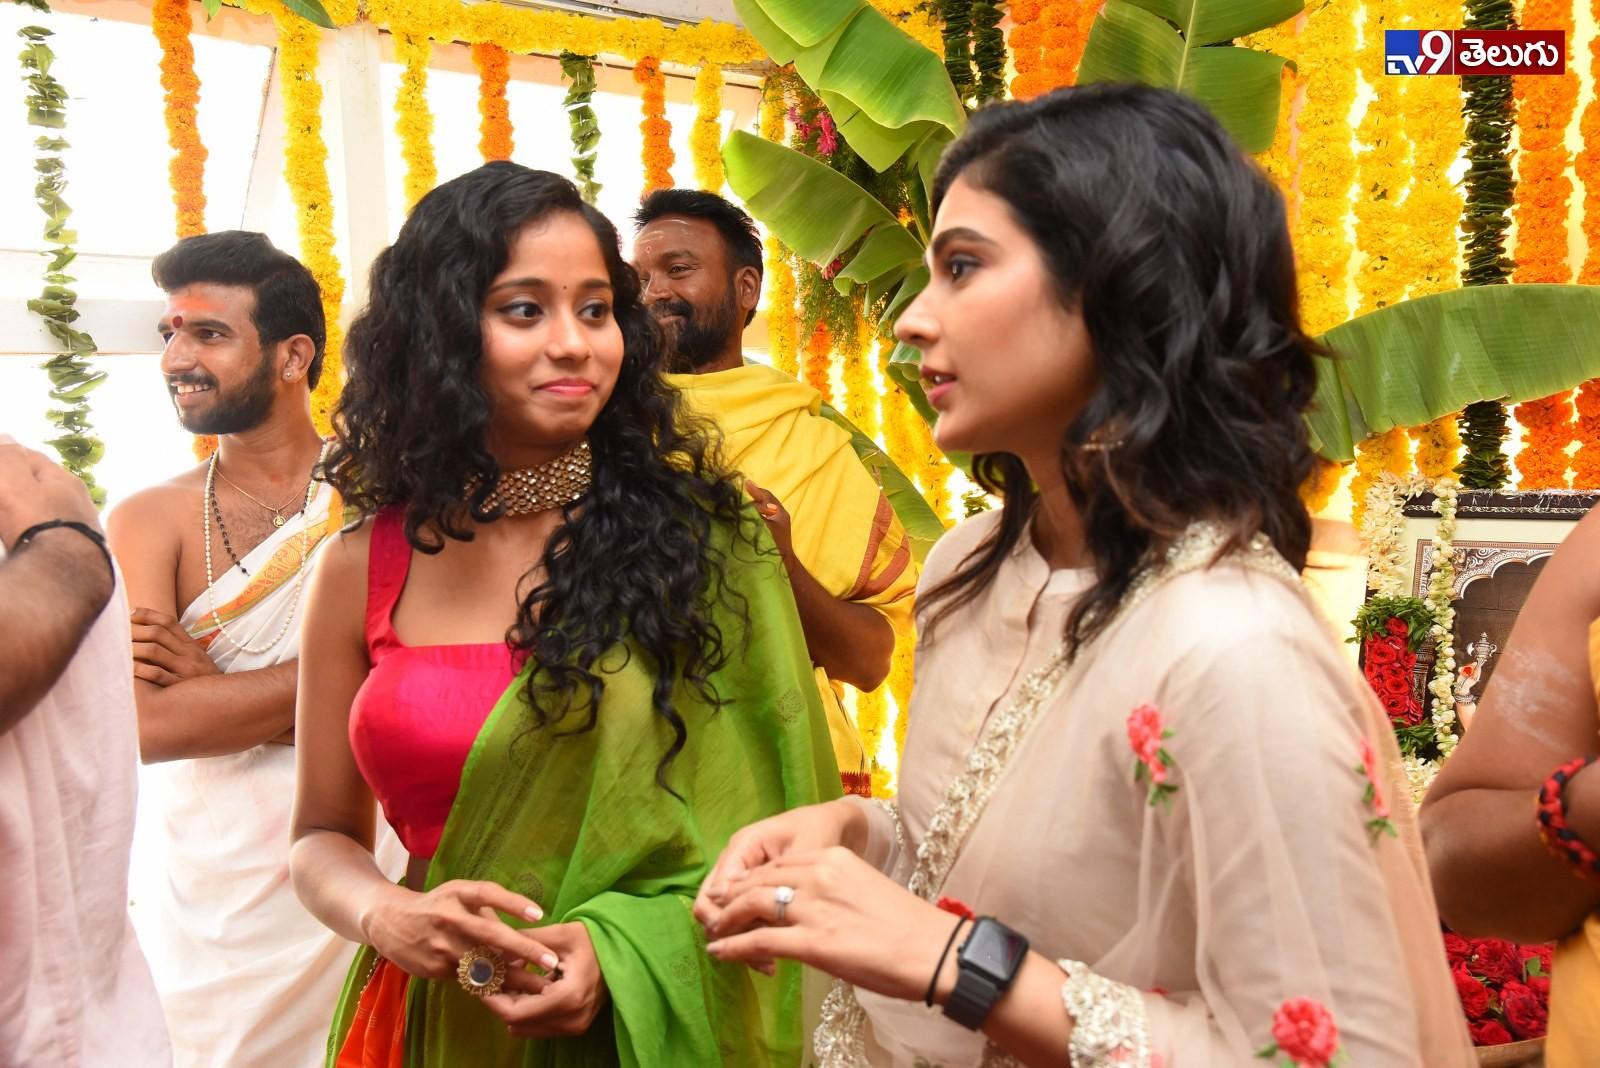 , 'ఆది పినిశెట్టి  క్లాప్' చిత్రం ప్రారంభోత్సవ ఫొటోస్